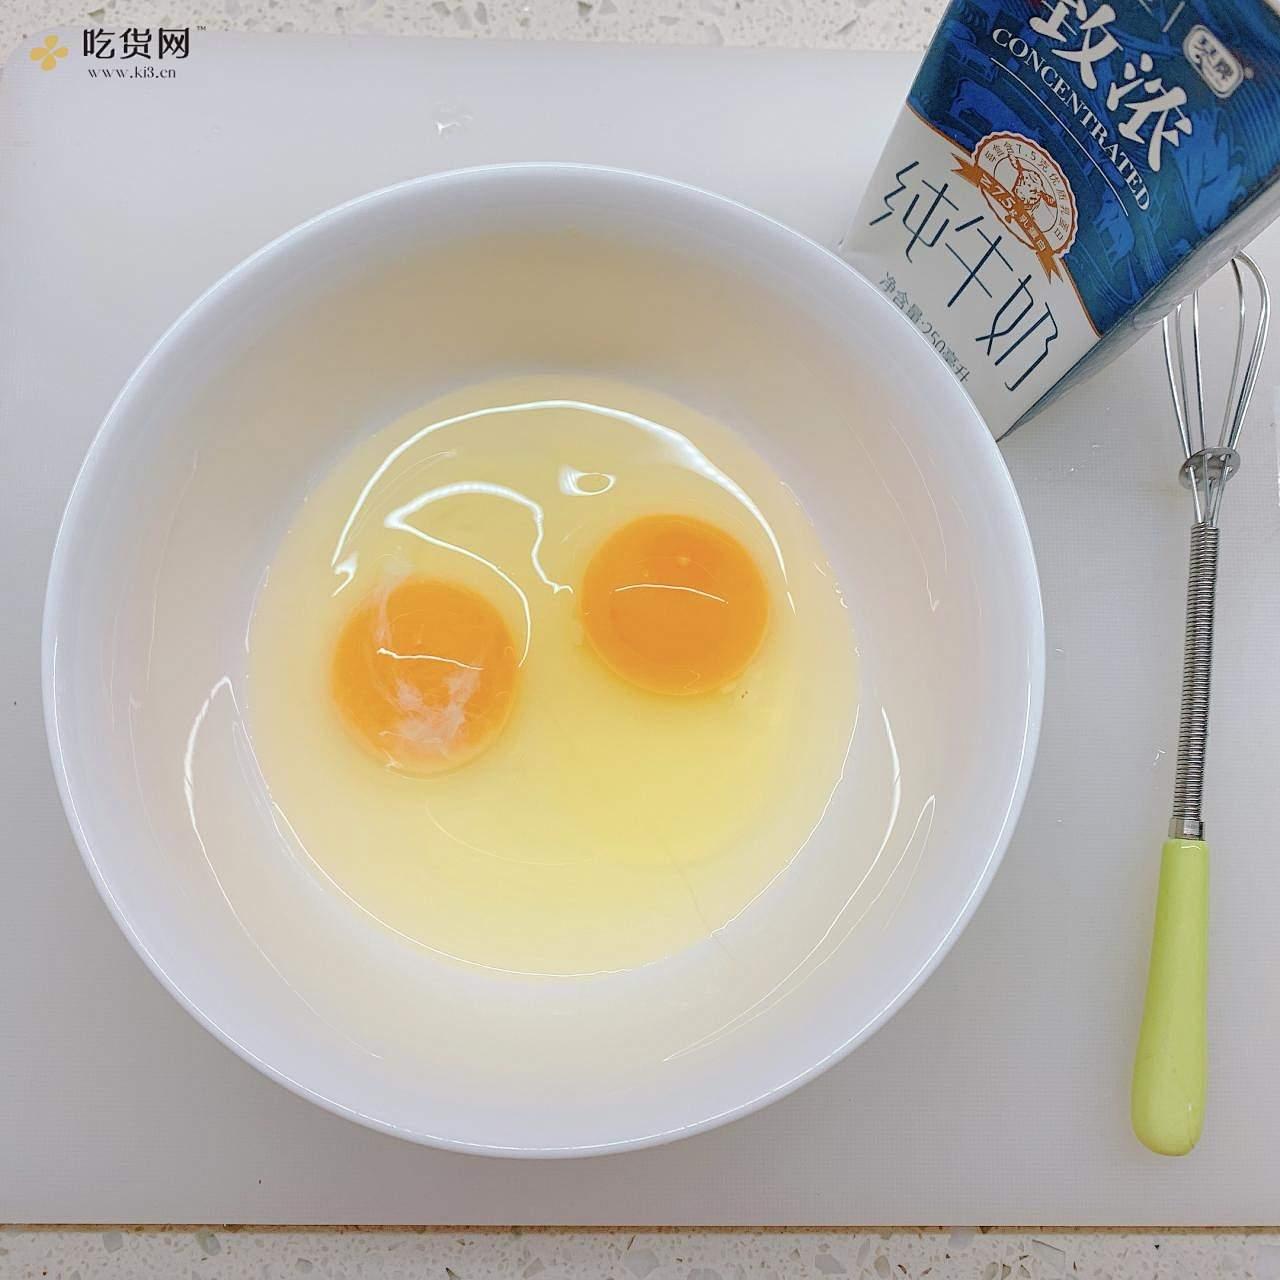 贝贝南瓜🎃蒸蛋的做法 步骤2